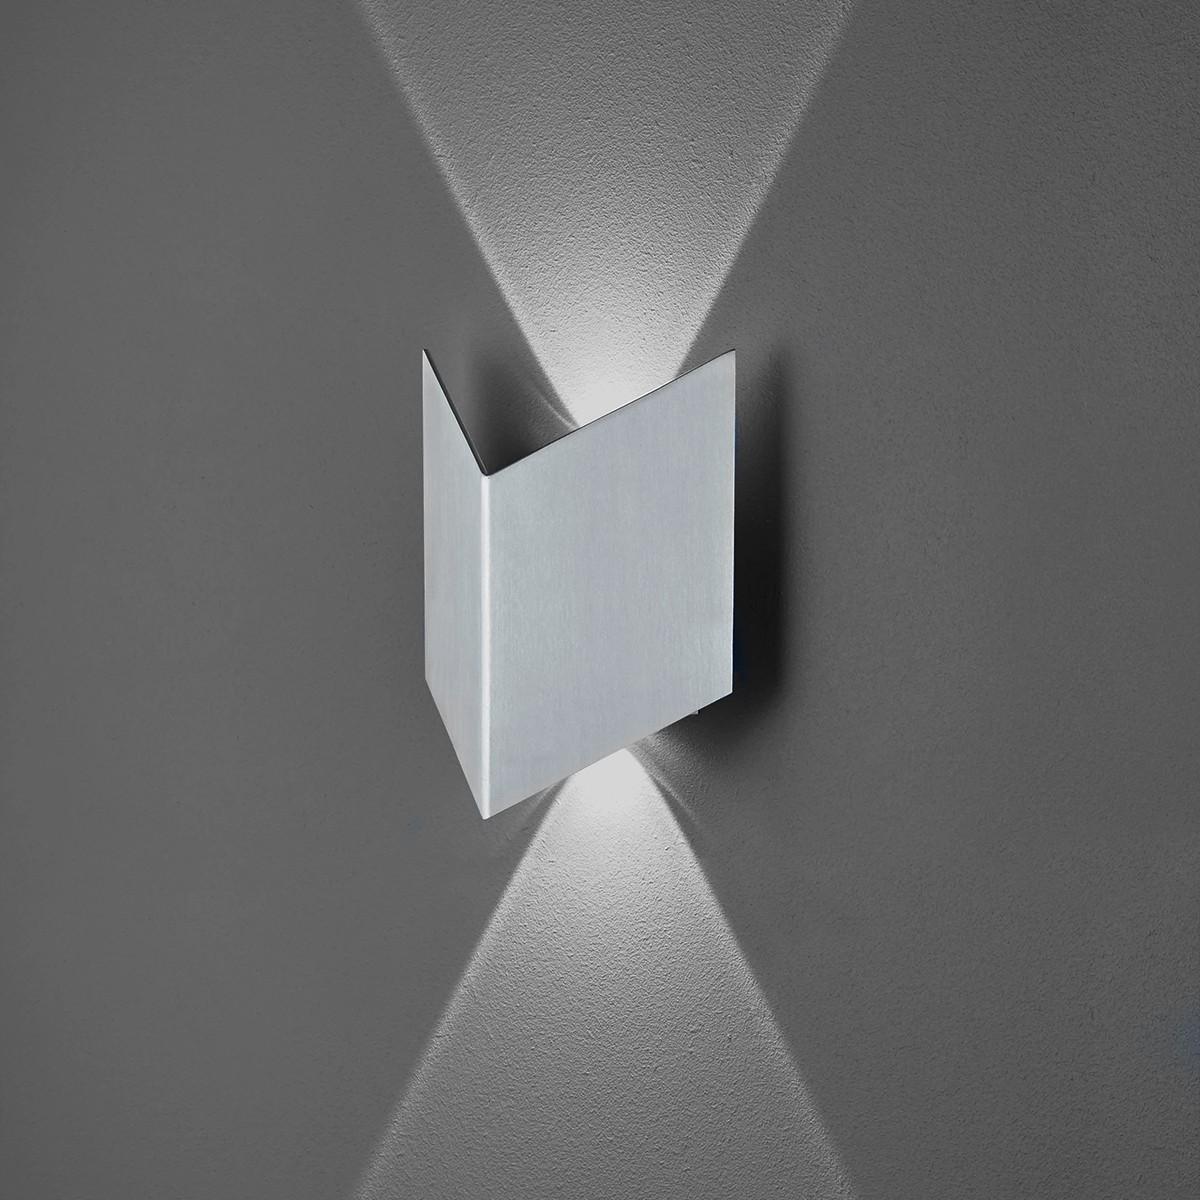 B-Leuchten Prince 40226 Wandleuchte, Aluminium